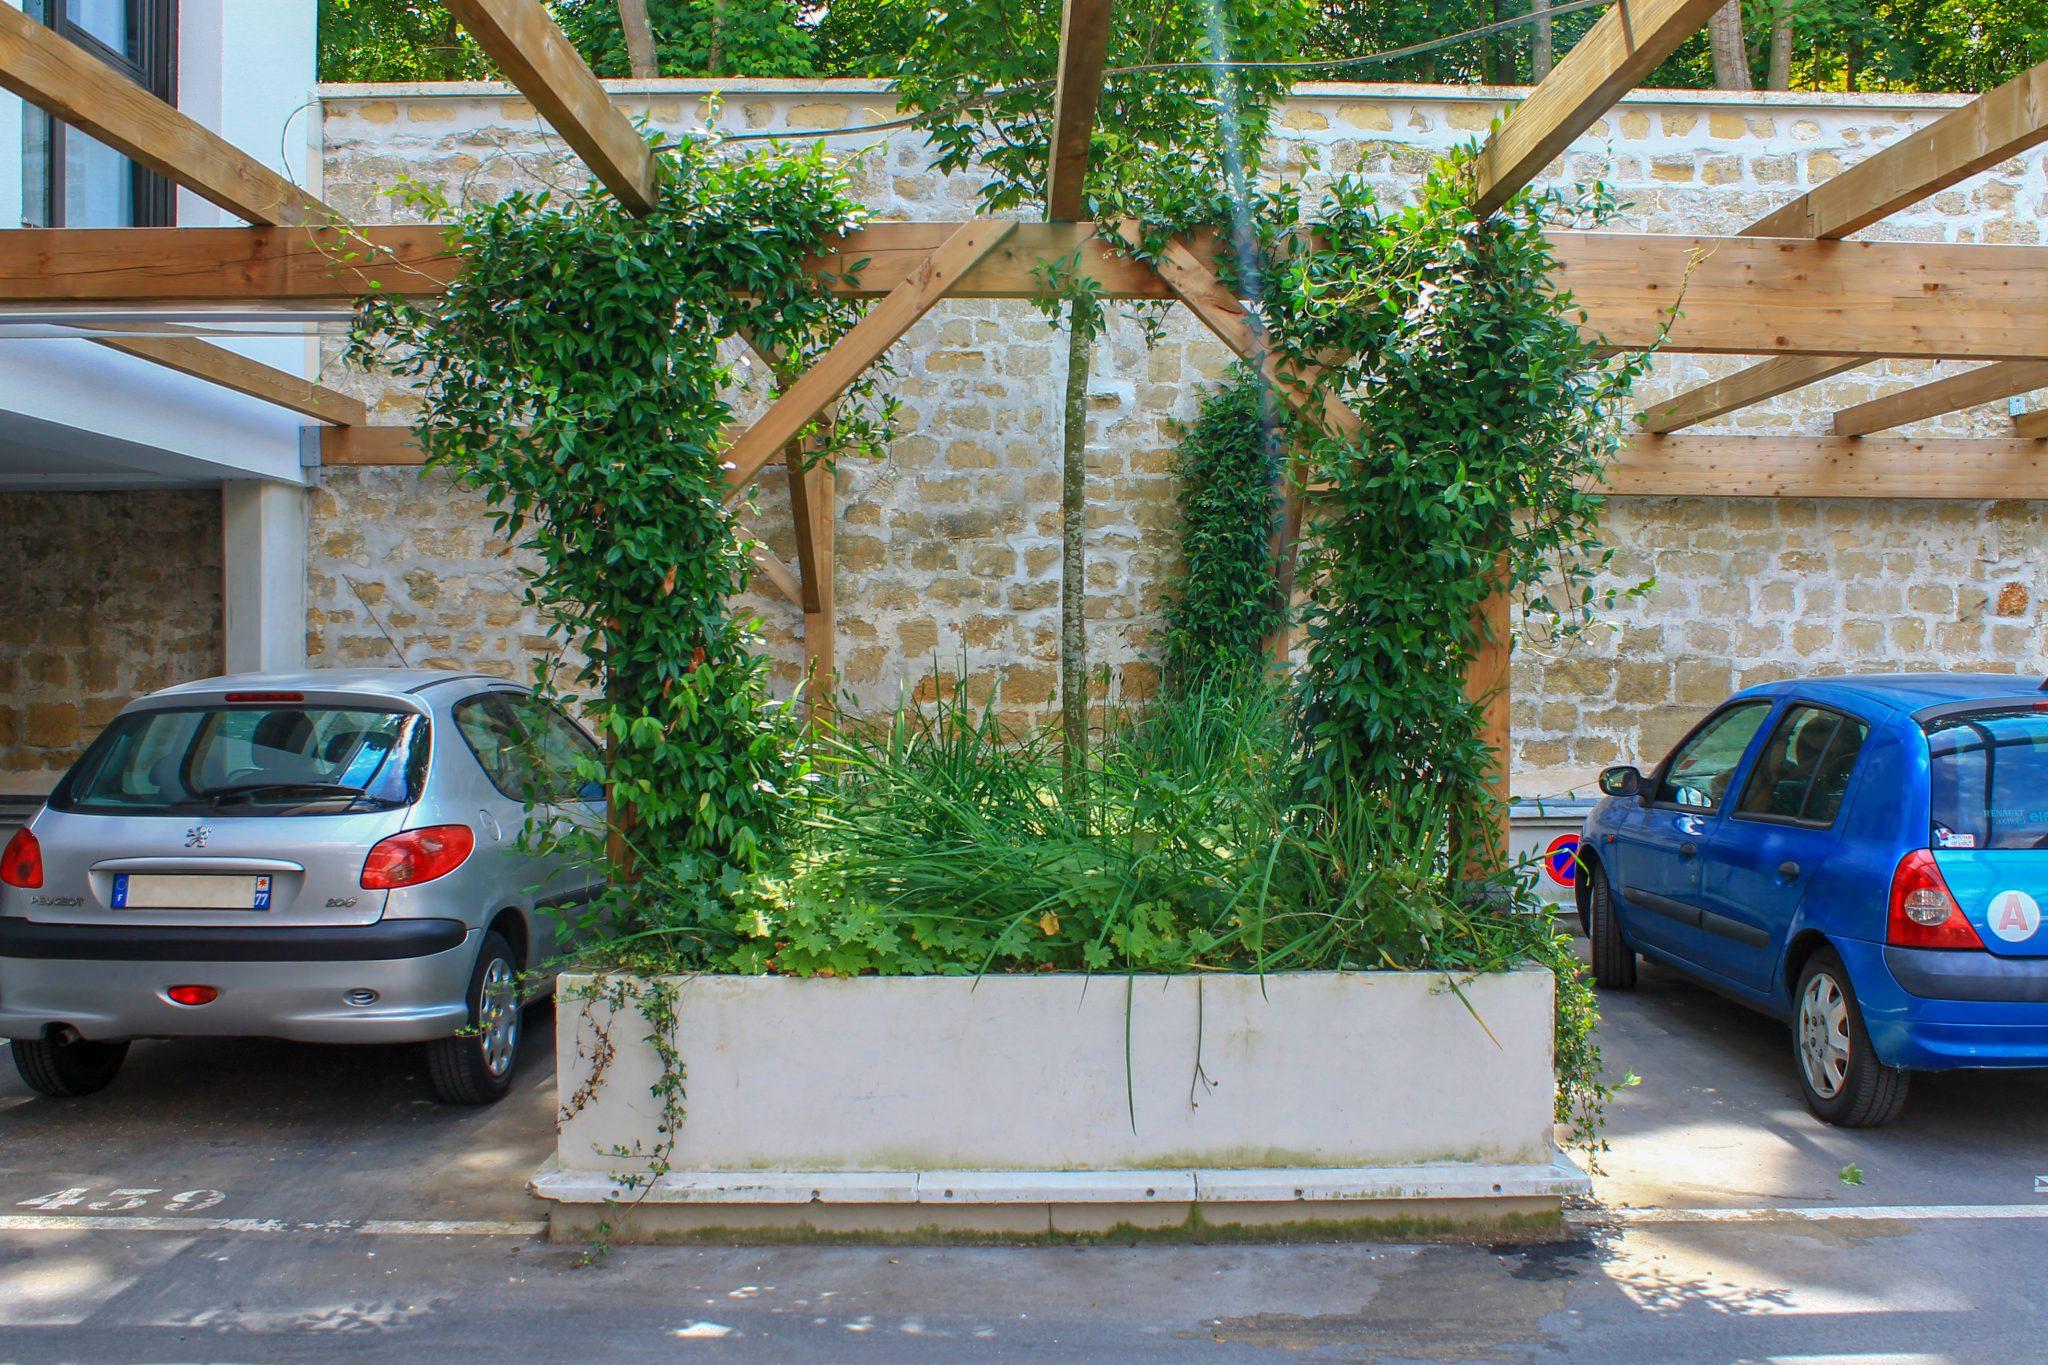 Verdure parking